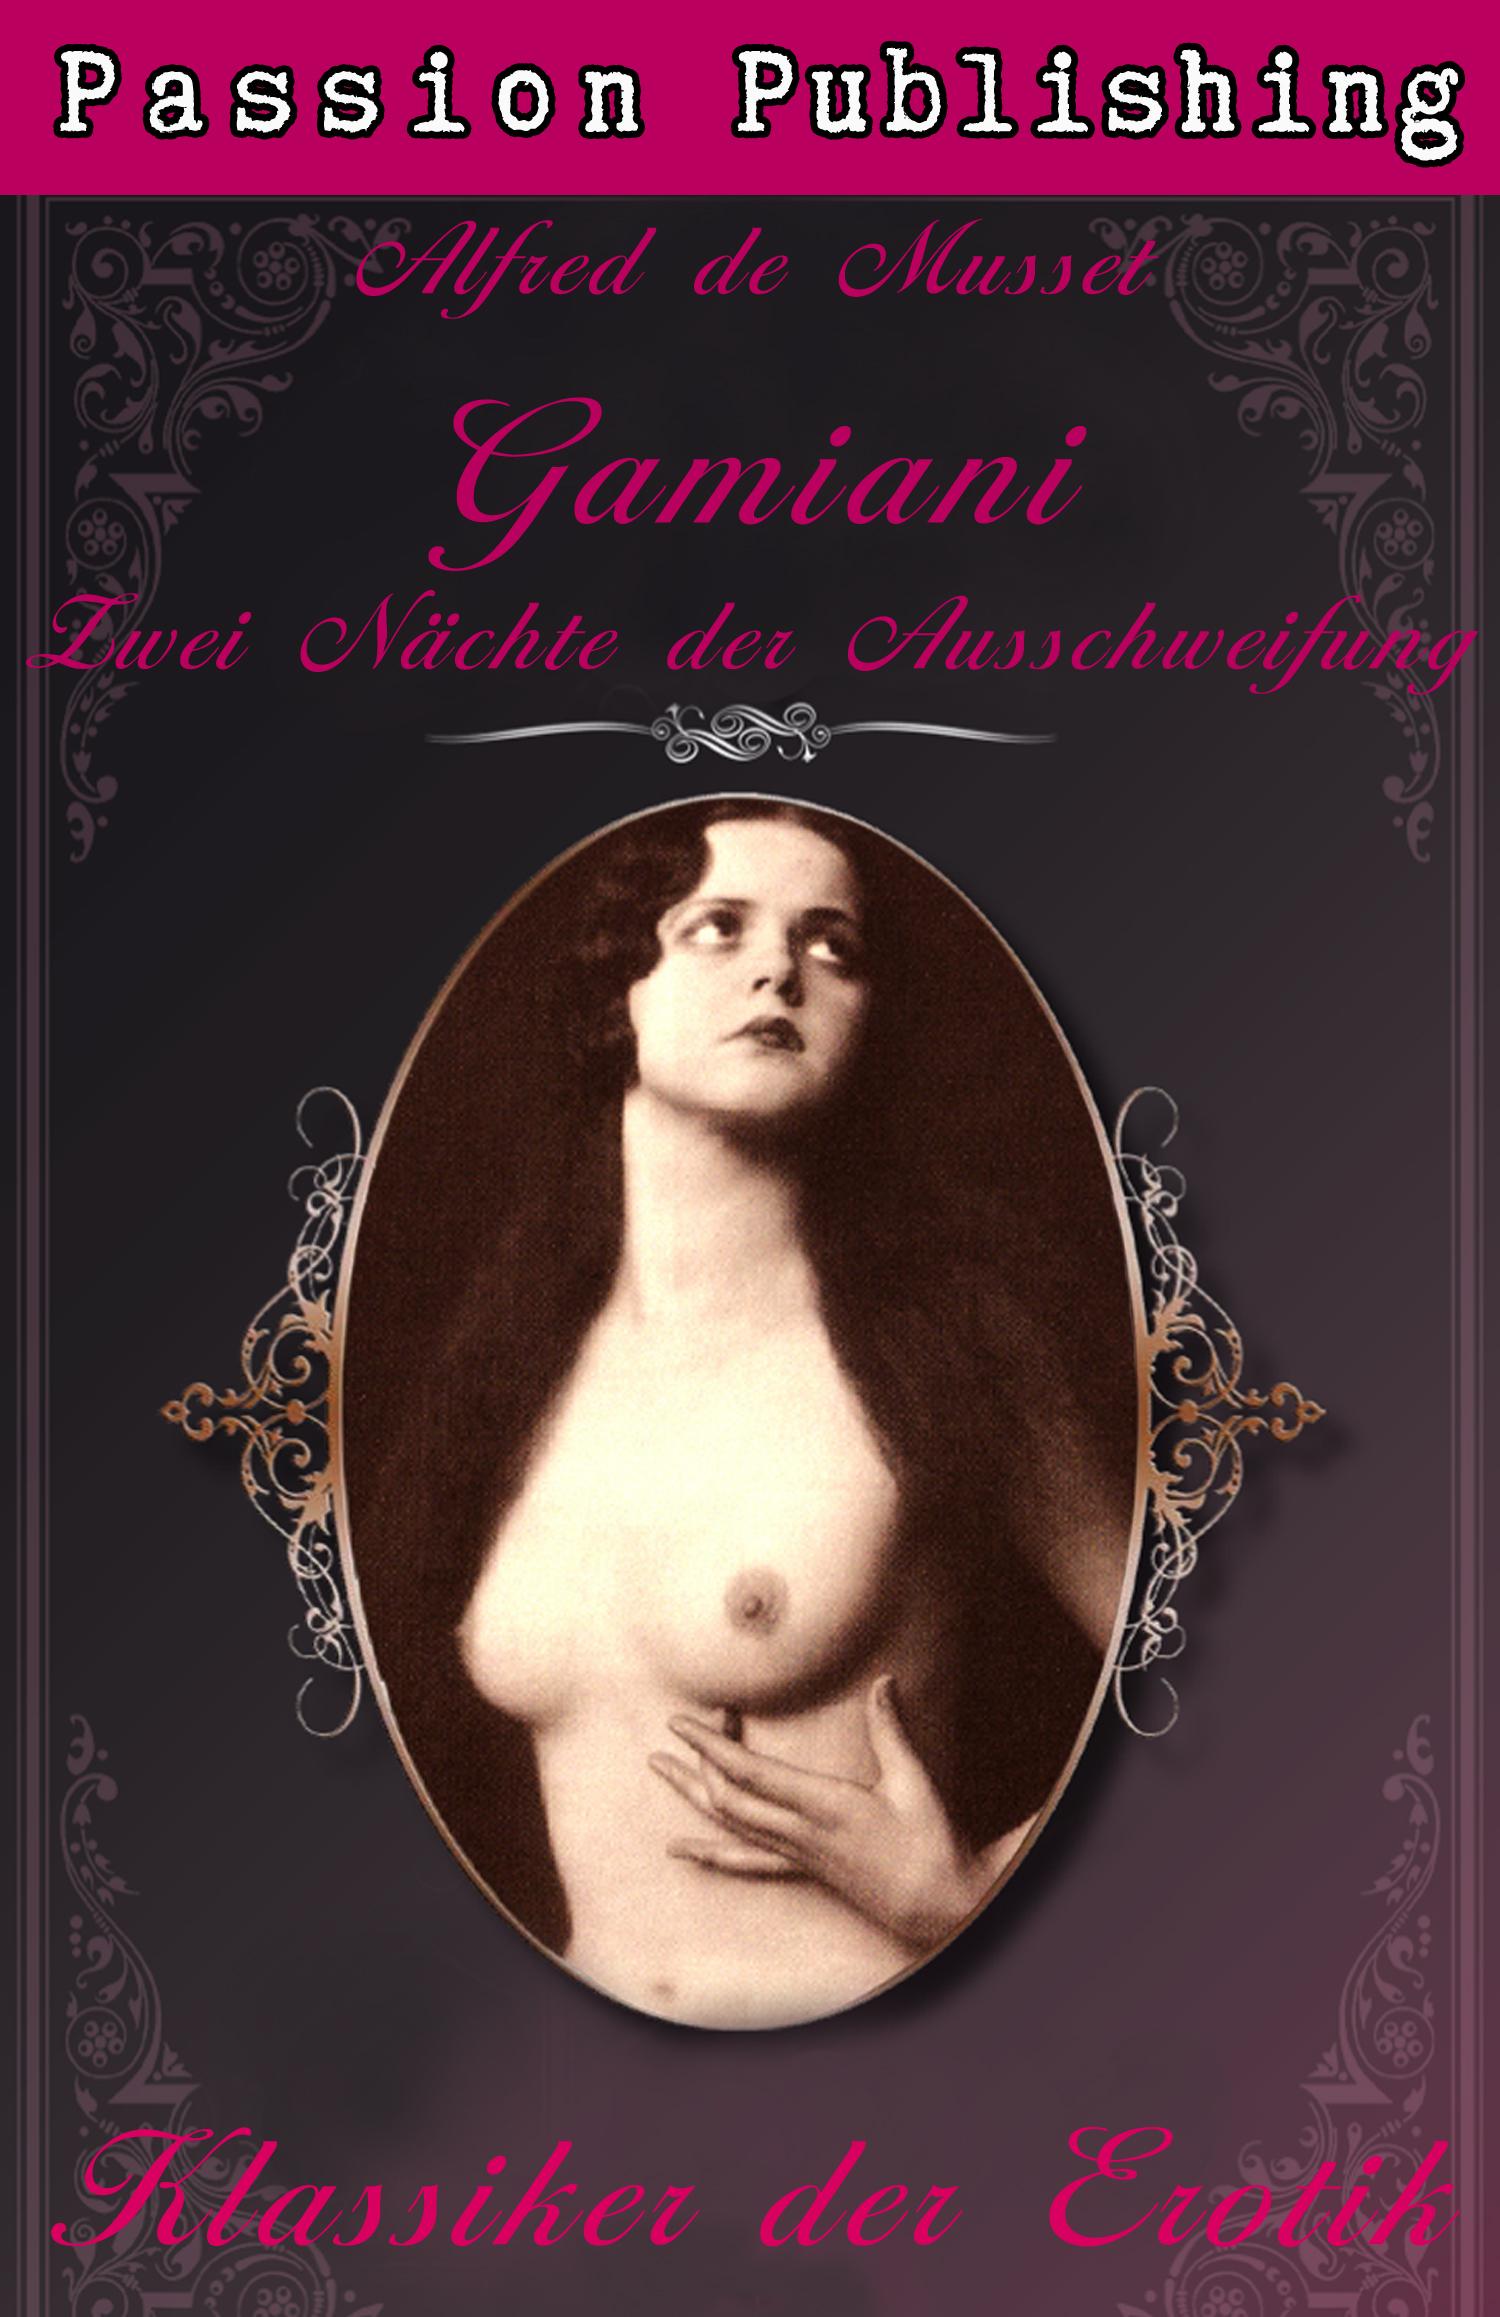 Alfred de Musset Klassiker der Erotik 27: Gamiani - Zwei Nächte der Ausschweifung